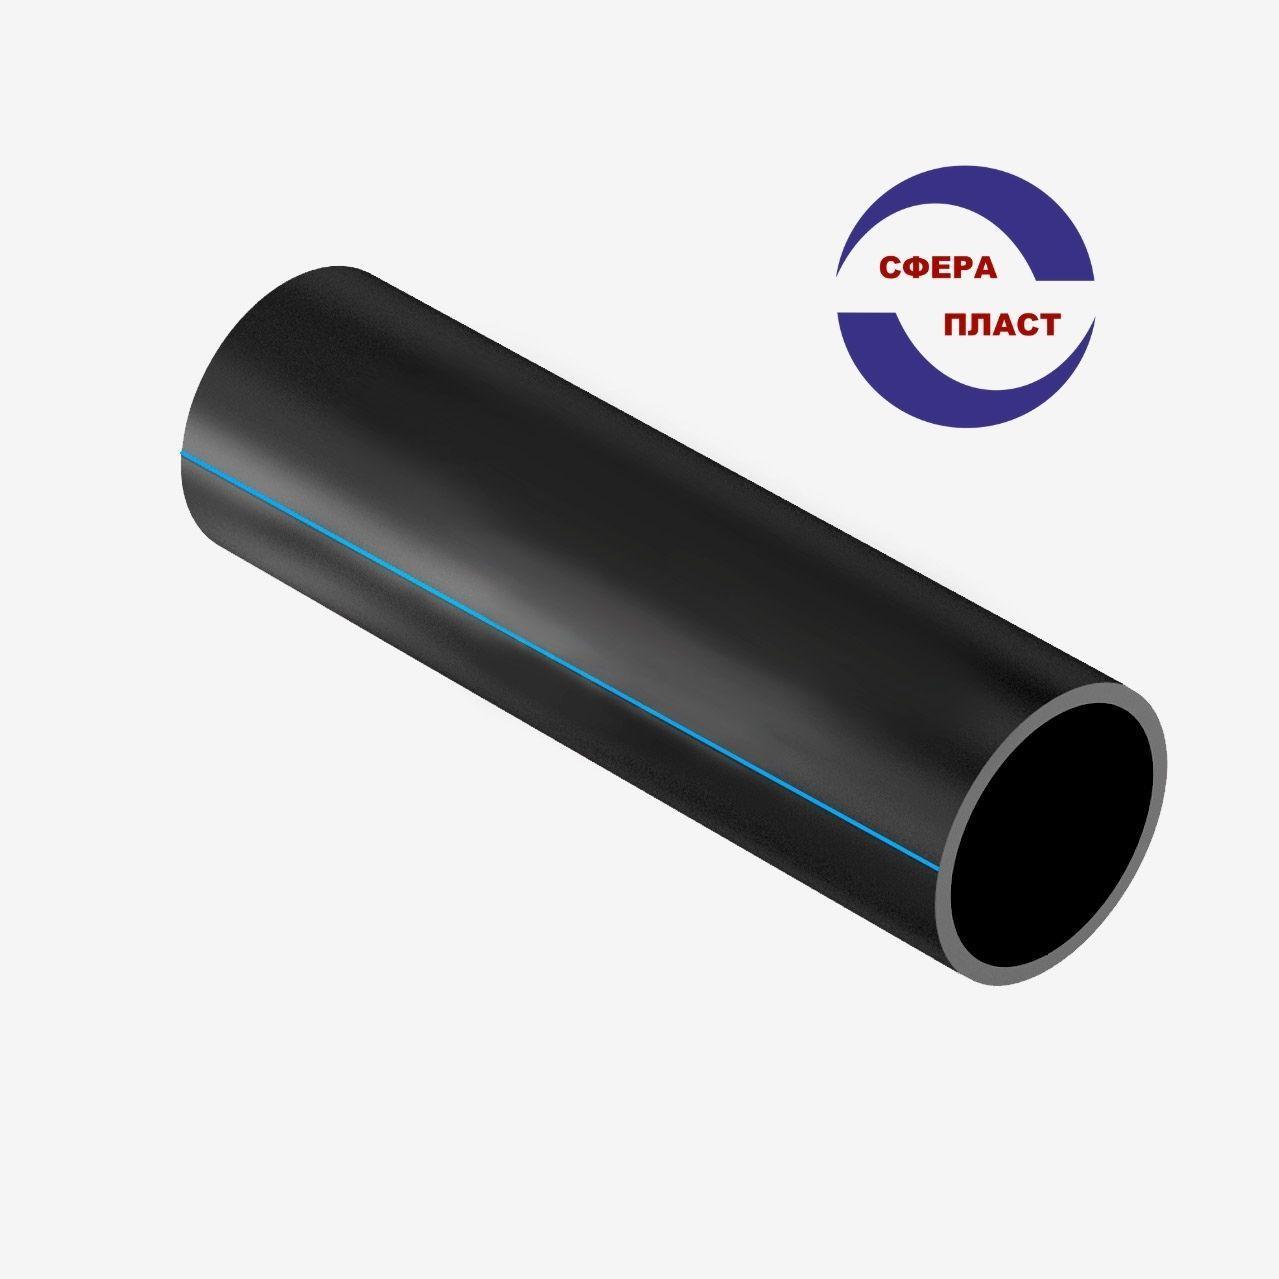 Труба Ду-200x9,6 SDR21 (8 атм) полиэтиленовая ПЭ-100